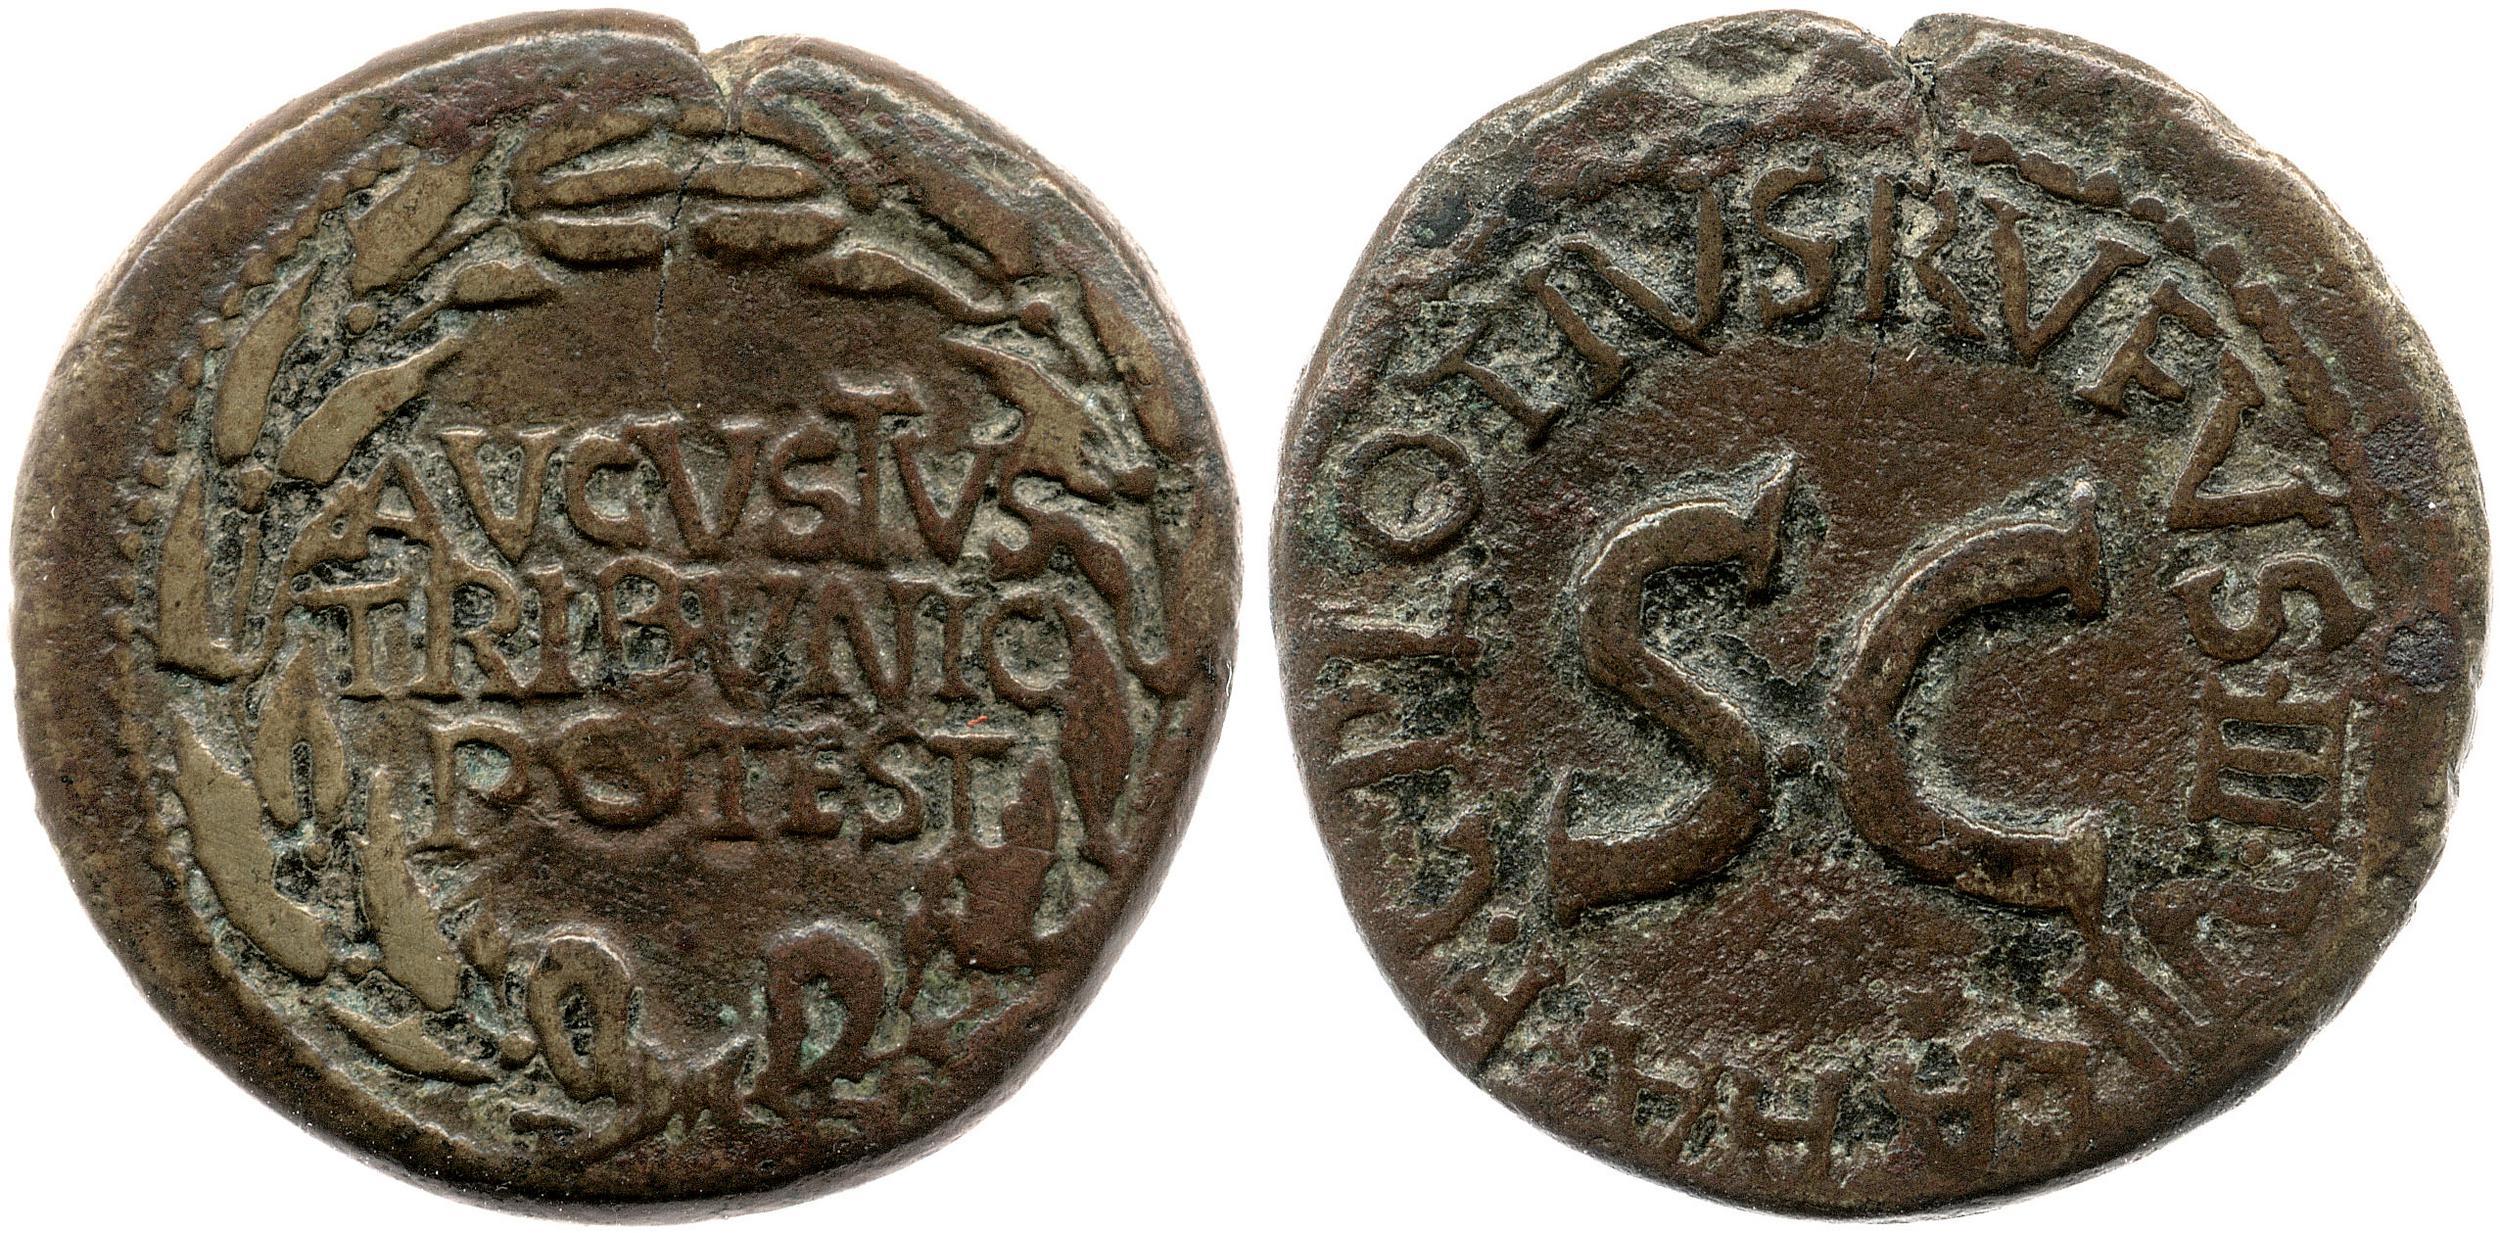 2131AU – Dupondius Auguste – C. Plotius Rufus